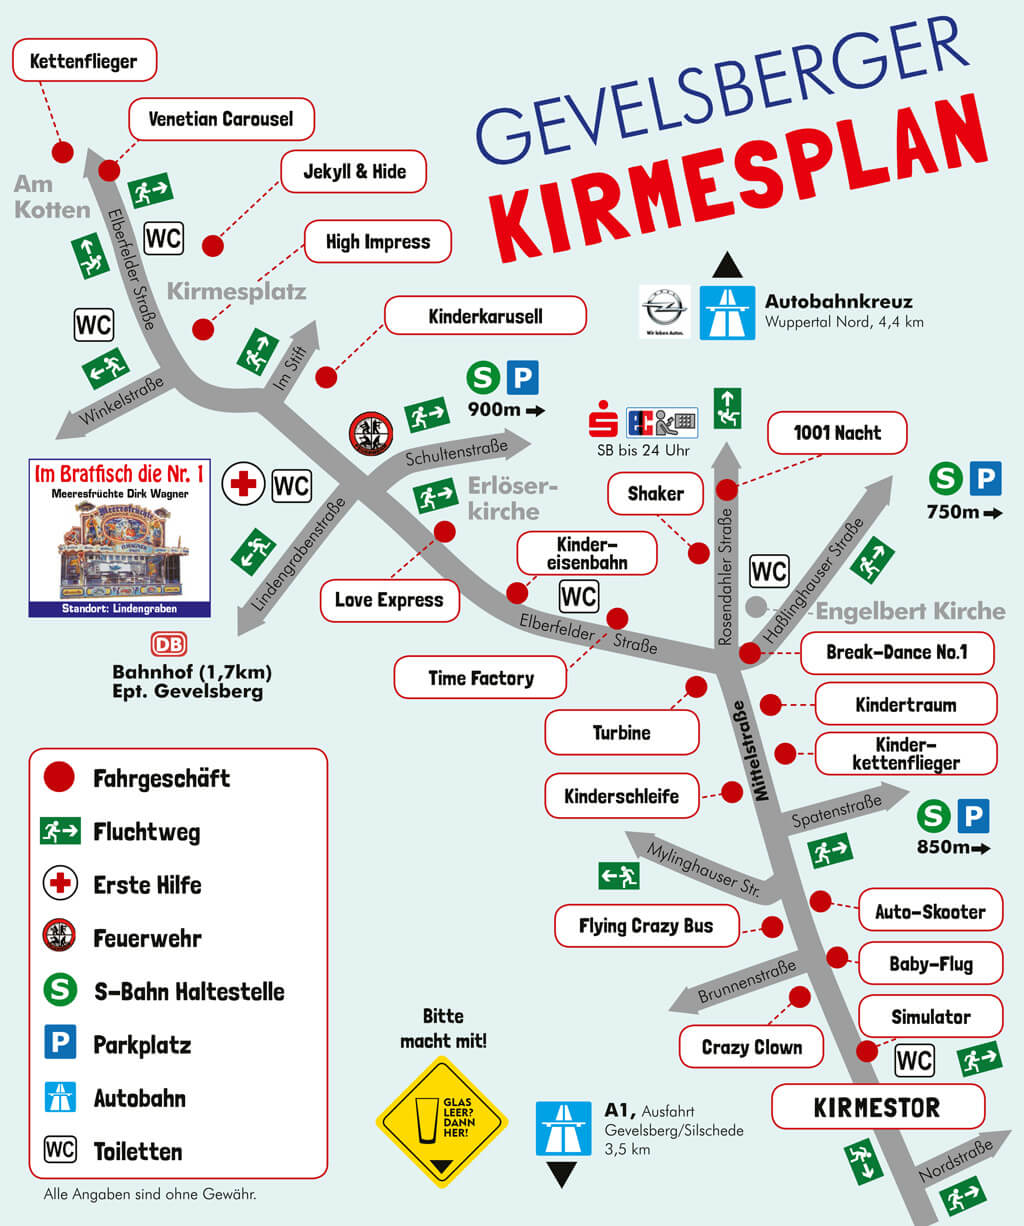 Gevelsberger Kirmes | Der Plan zur schrägsten Kirmes in Europa (PDF)